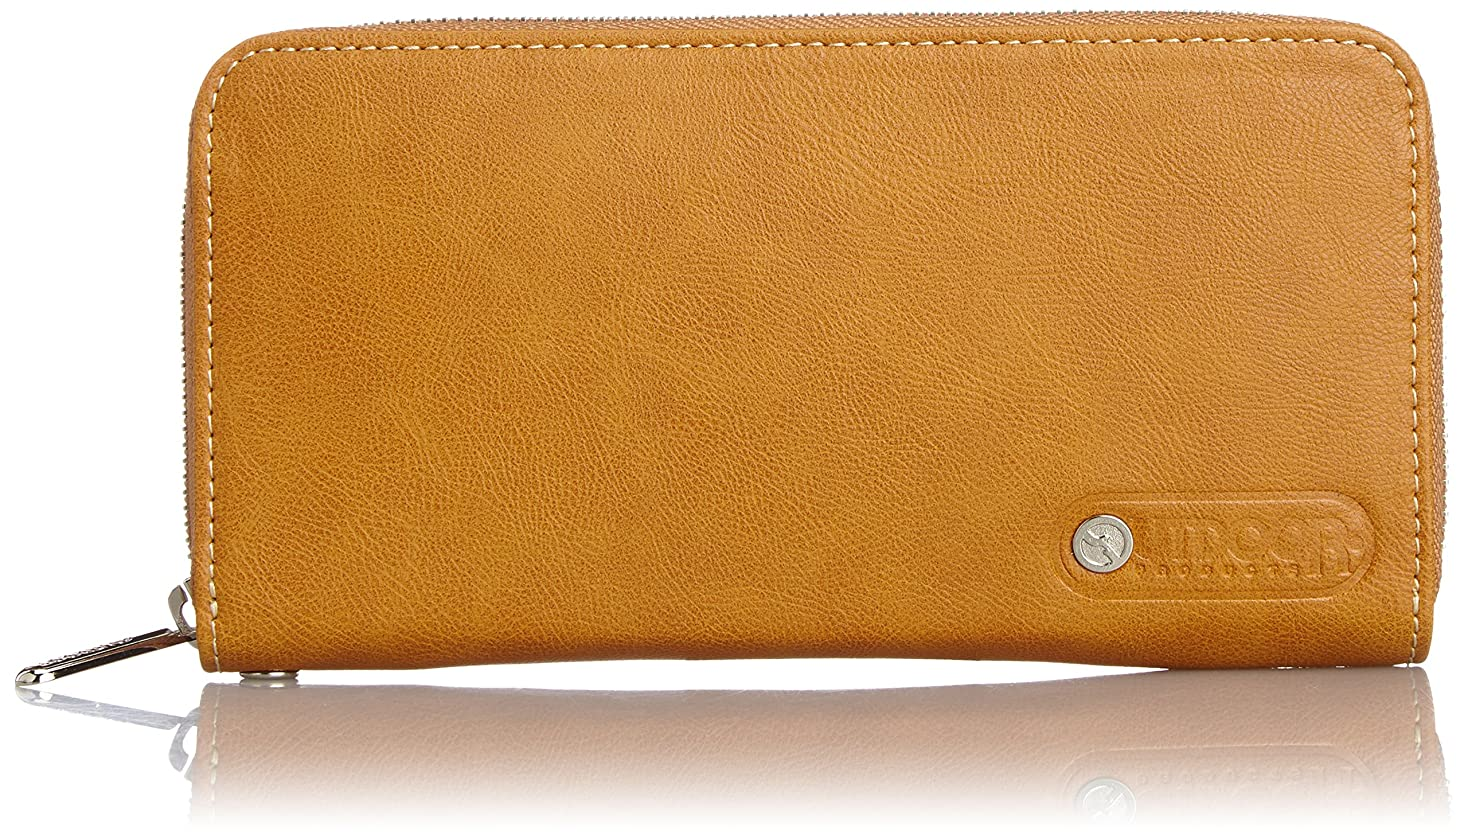 ブースト追加パトロール[アウトドアプロダクツ] OUTDOOR PRODUCTS 財布 合皮財布シリーズラウンドファスナー長財布